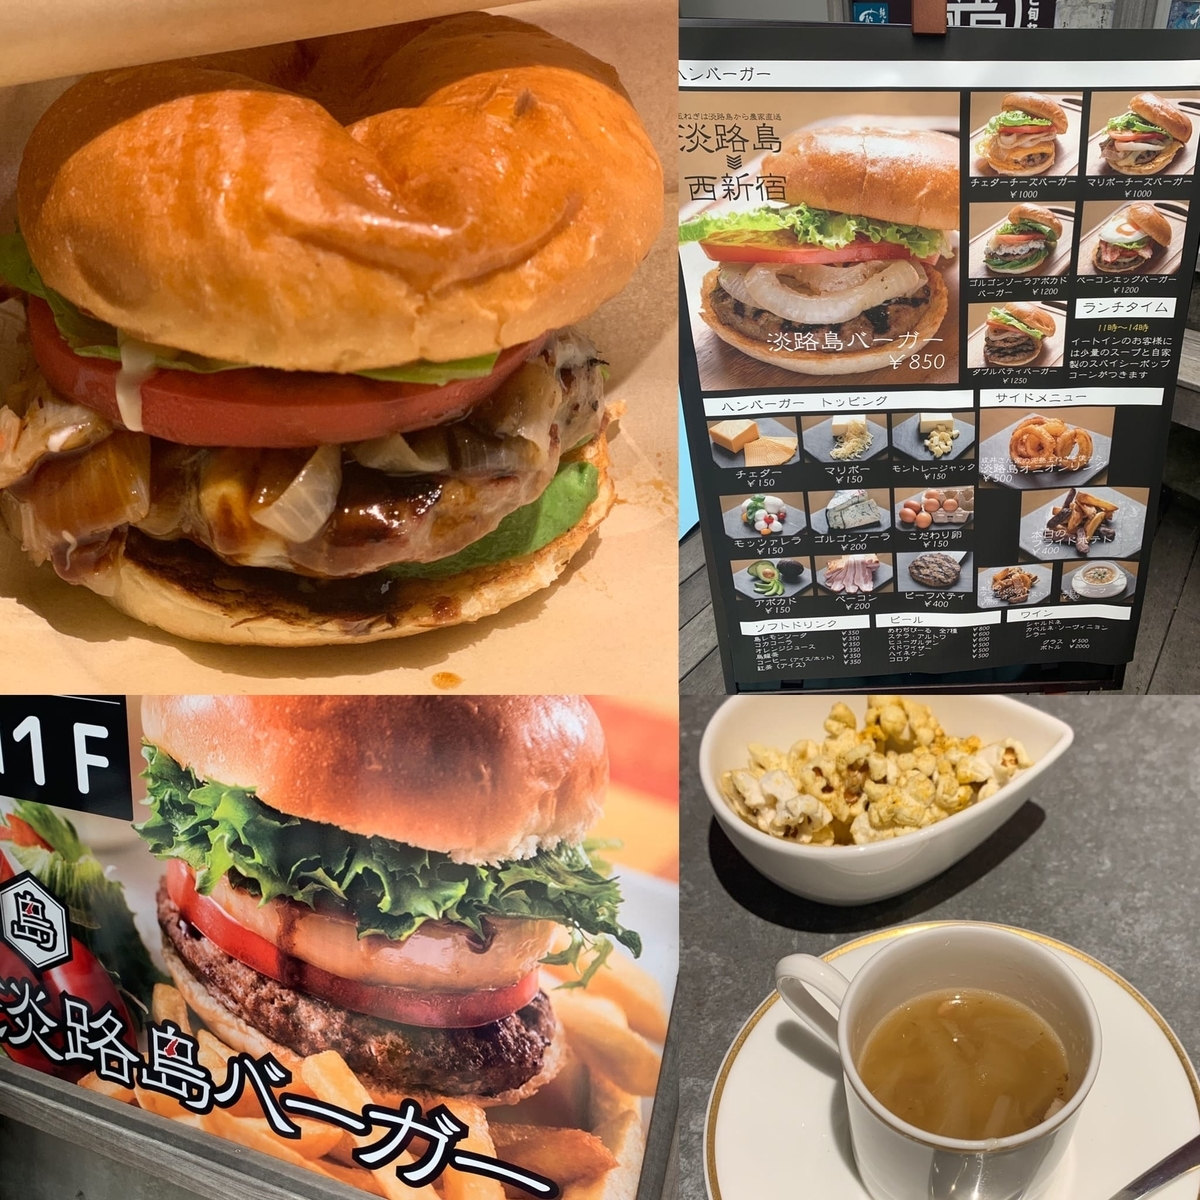 「淡路島バーガー 西新宿店」の店内メニュー、外にあるメニュー看板